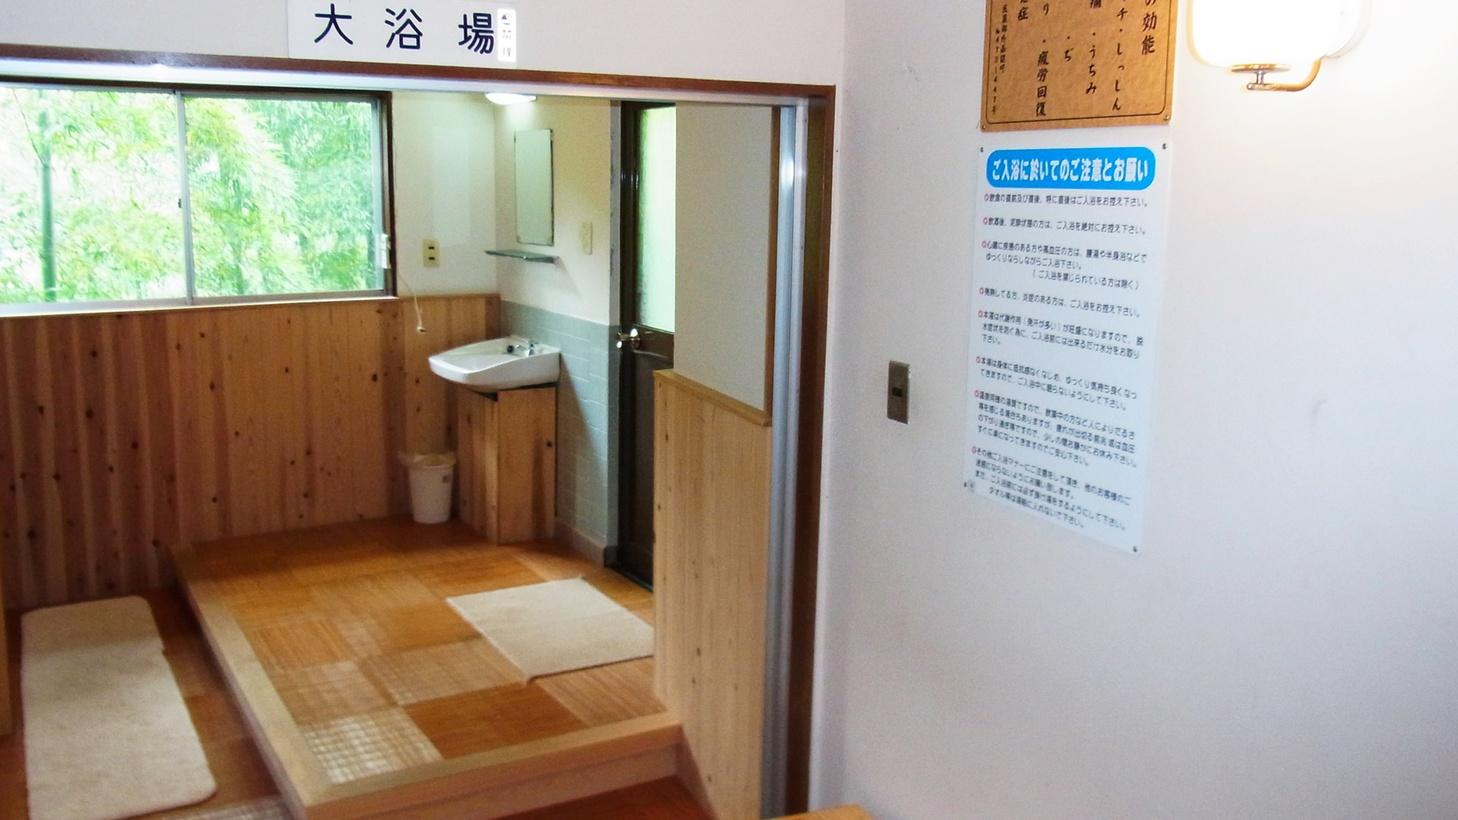 *【風呂】男性用脱衣所でございます。少し狭いかもしれませんが、綺麗に掃除をしております。